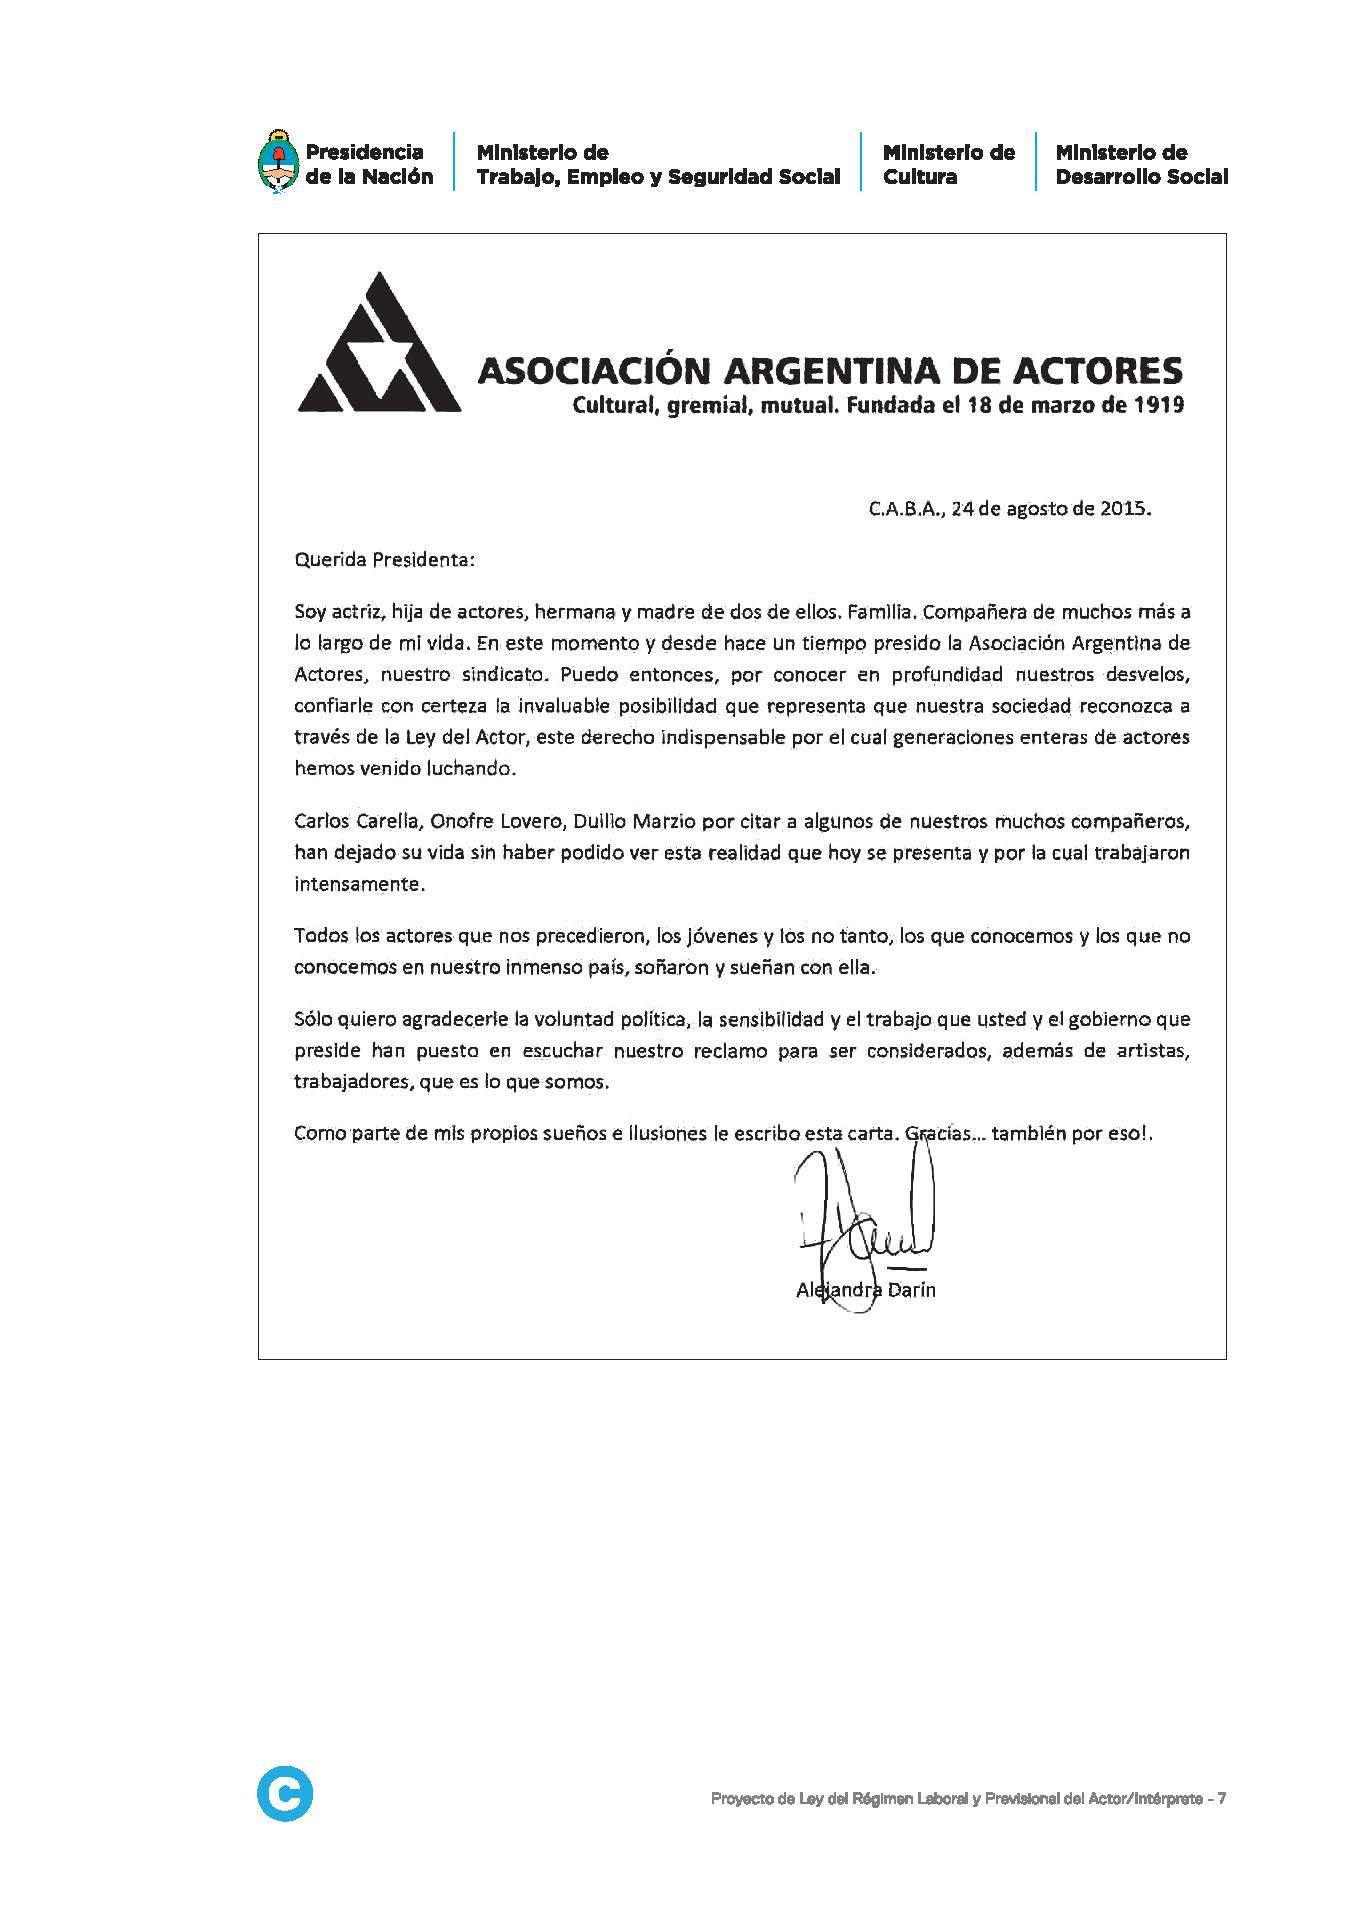 Proyecto de Ley de Actores